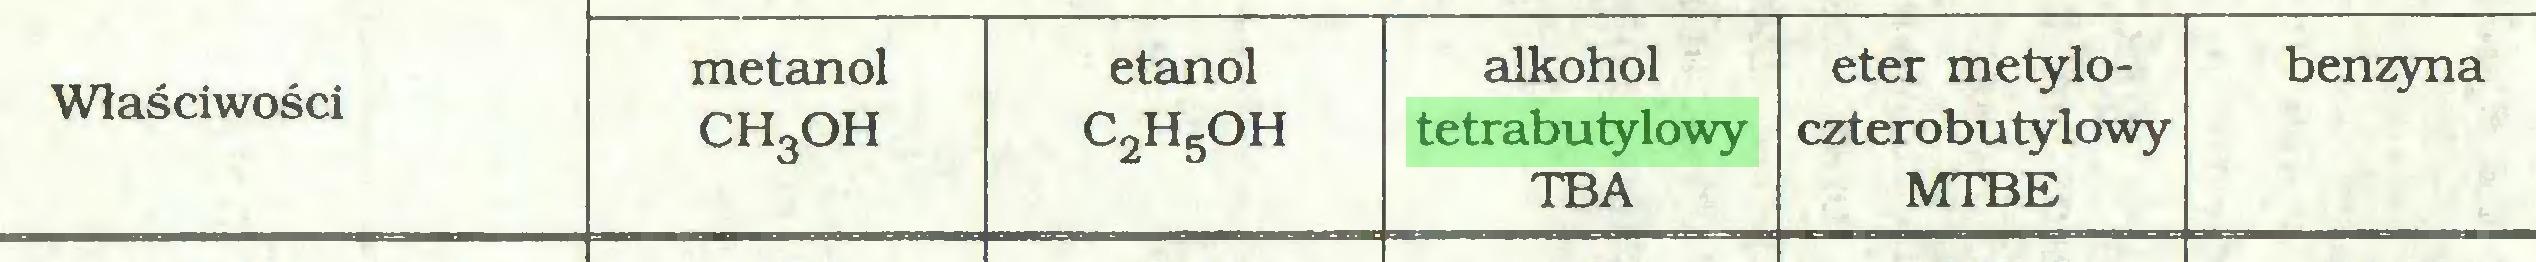 (...) Właściwości metanol CHgOH etanol c2h5oh alkohol tetrabutylowy TBA eter metyloczterobu tyłowy MTBE benzyna...